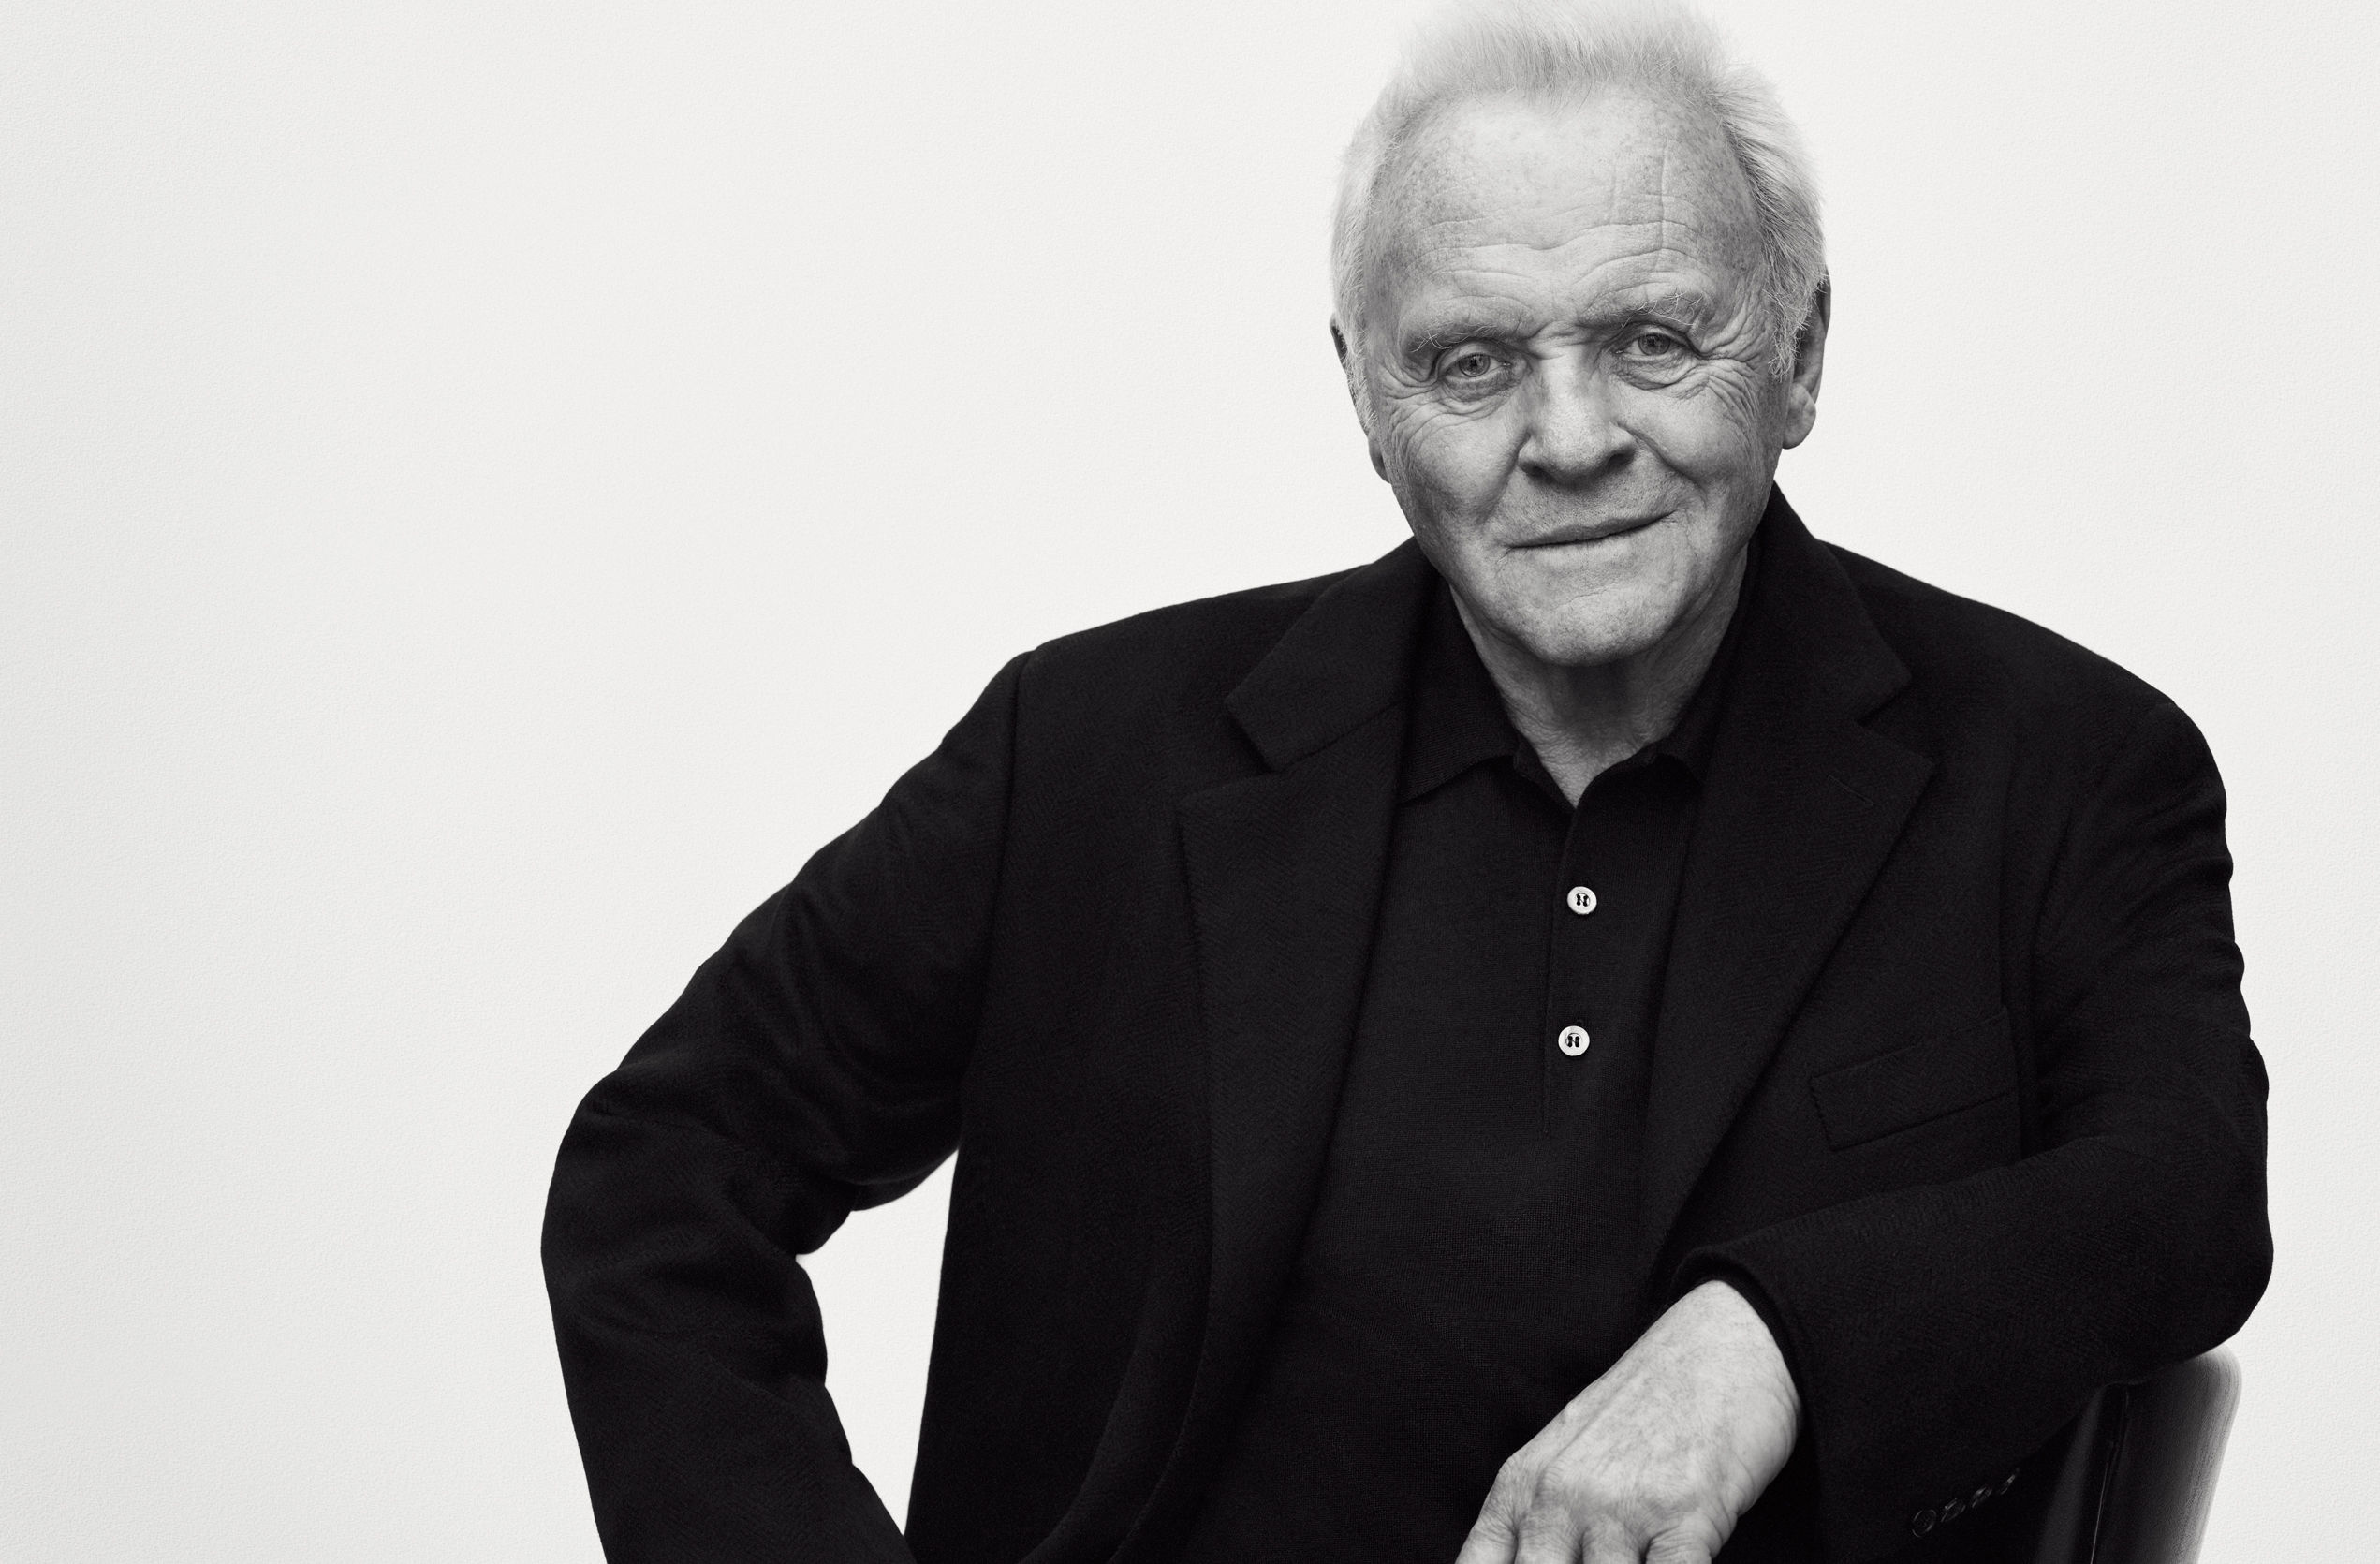 Мужчина-легенда: 79-летний Энтони Хопкинс снялся в элегантной фотосессии для модного бренда